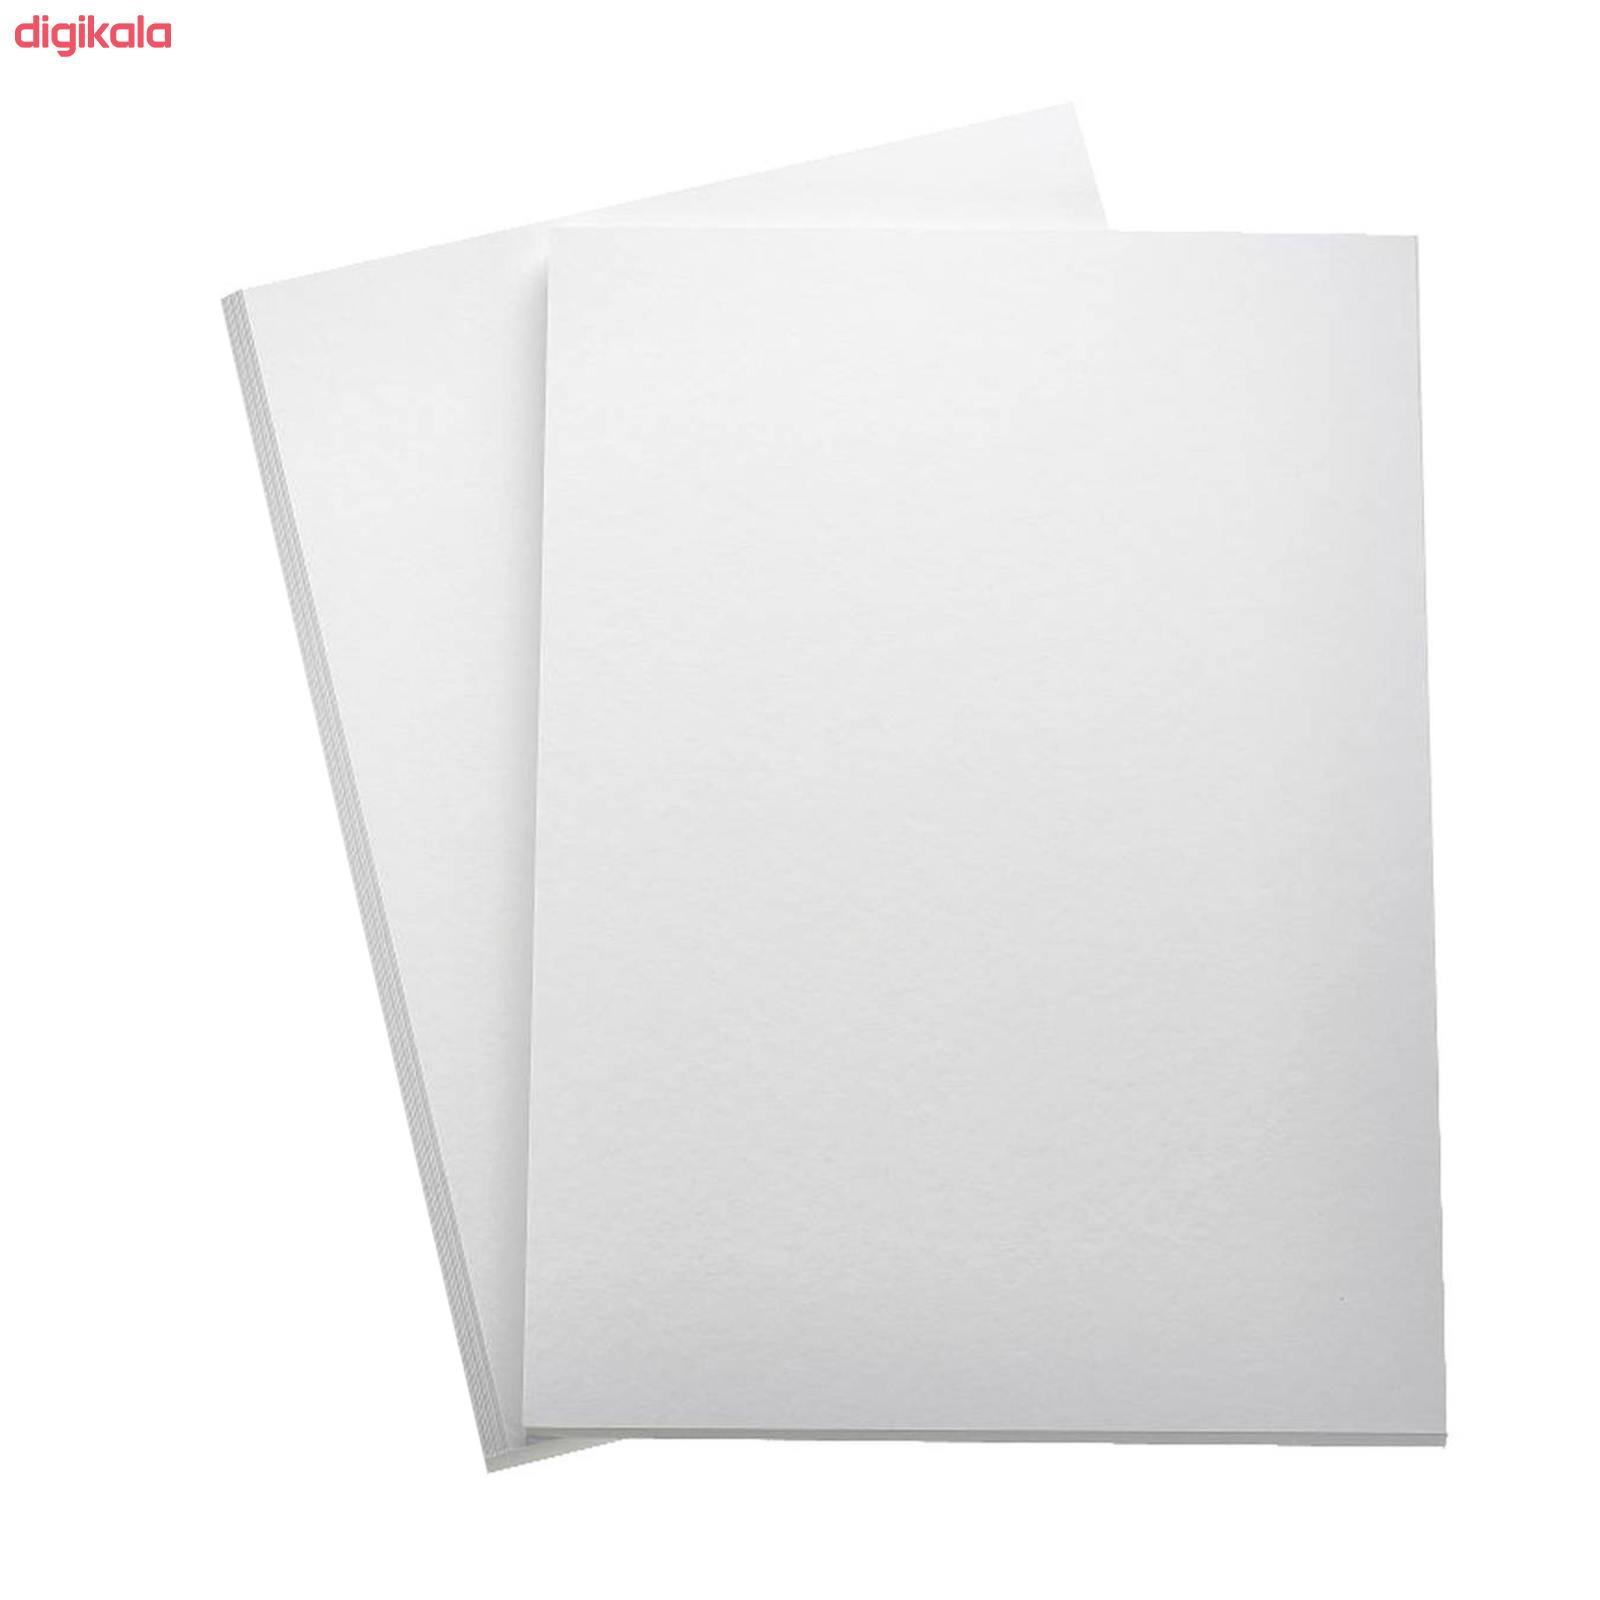 کاغذ A4 سل پرینت کد 018 بسته 100 عددی main 1 2